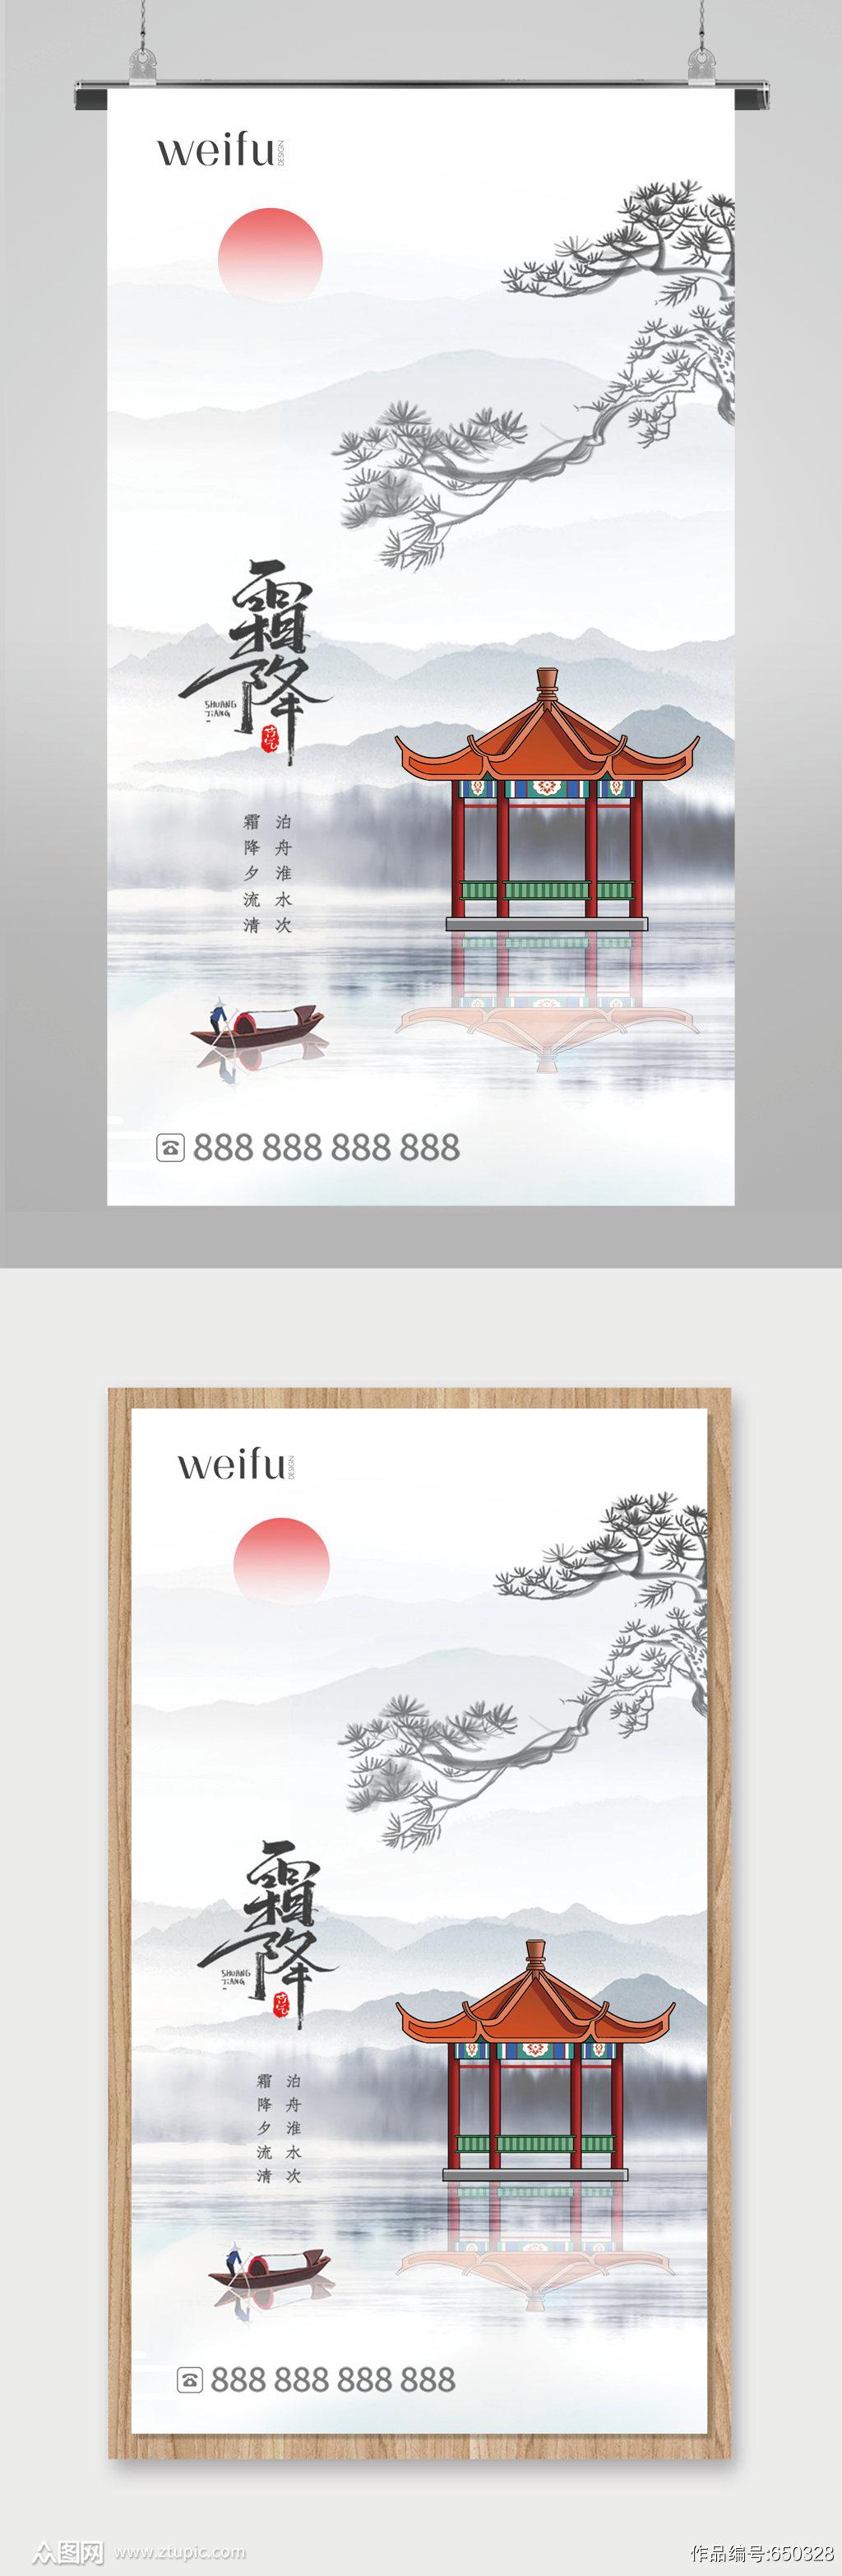 中国风霜降节气海报素材